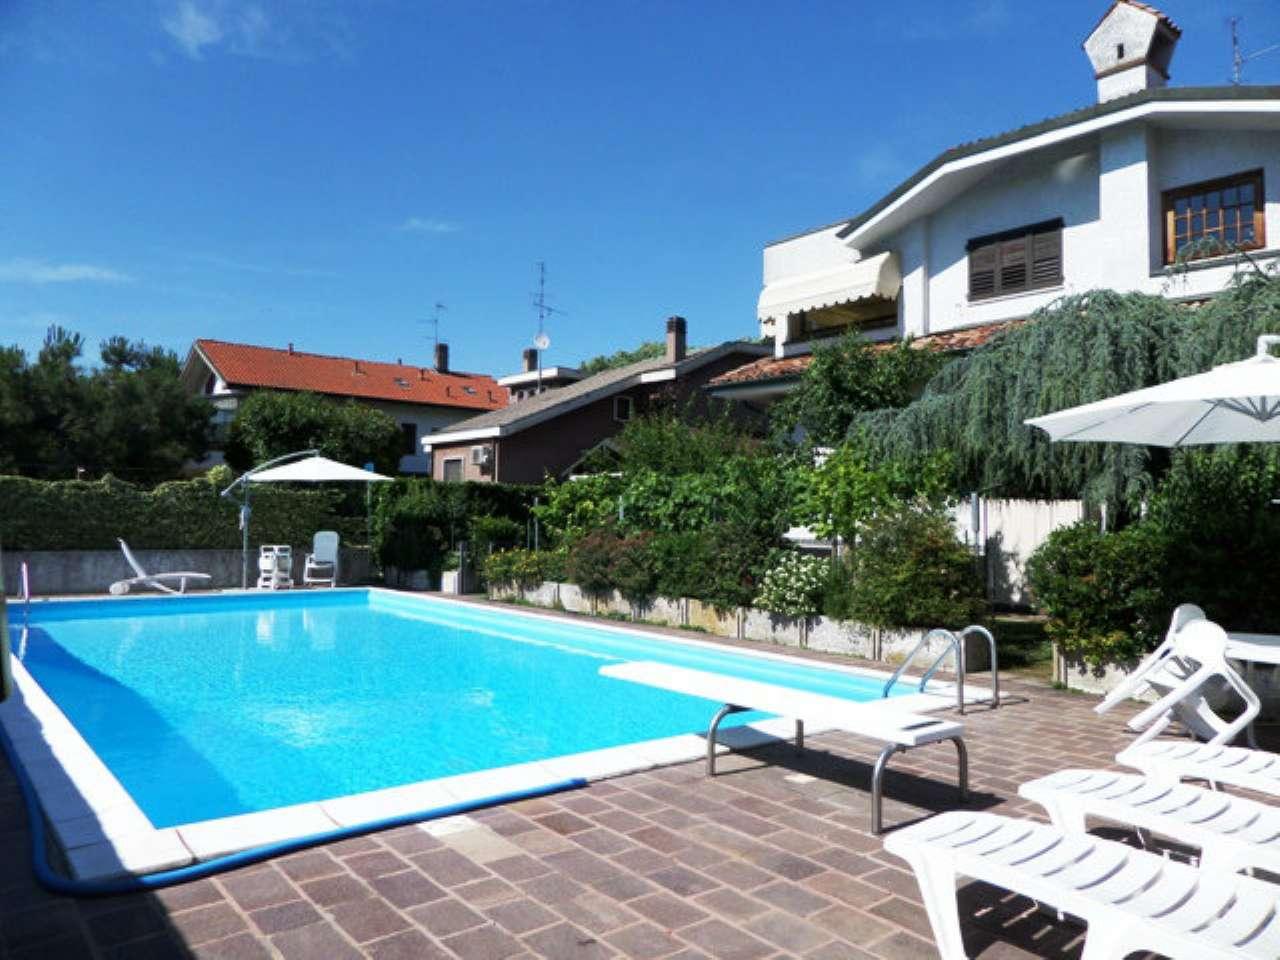 Villa in vendita a Cusago, 8 locali, prezzo € 1.250.000 | CambioCasa.it